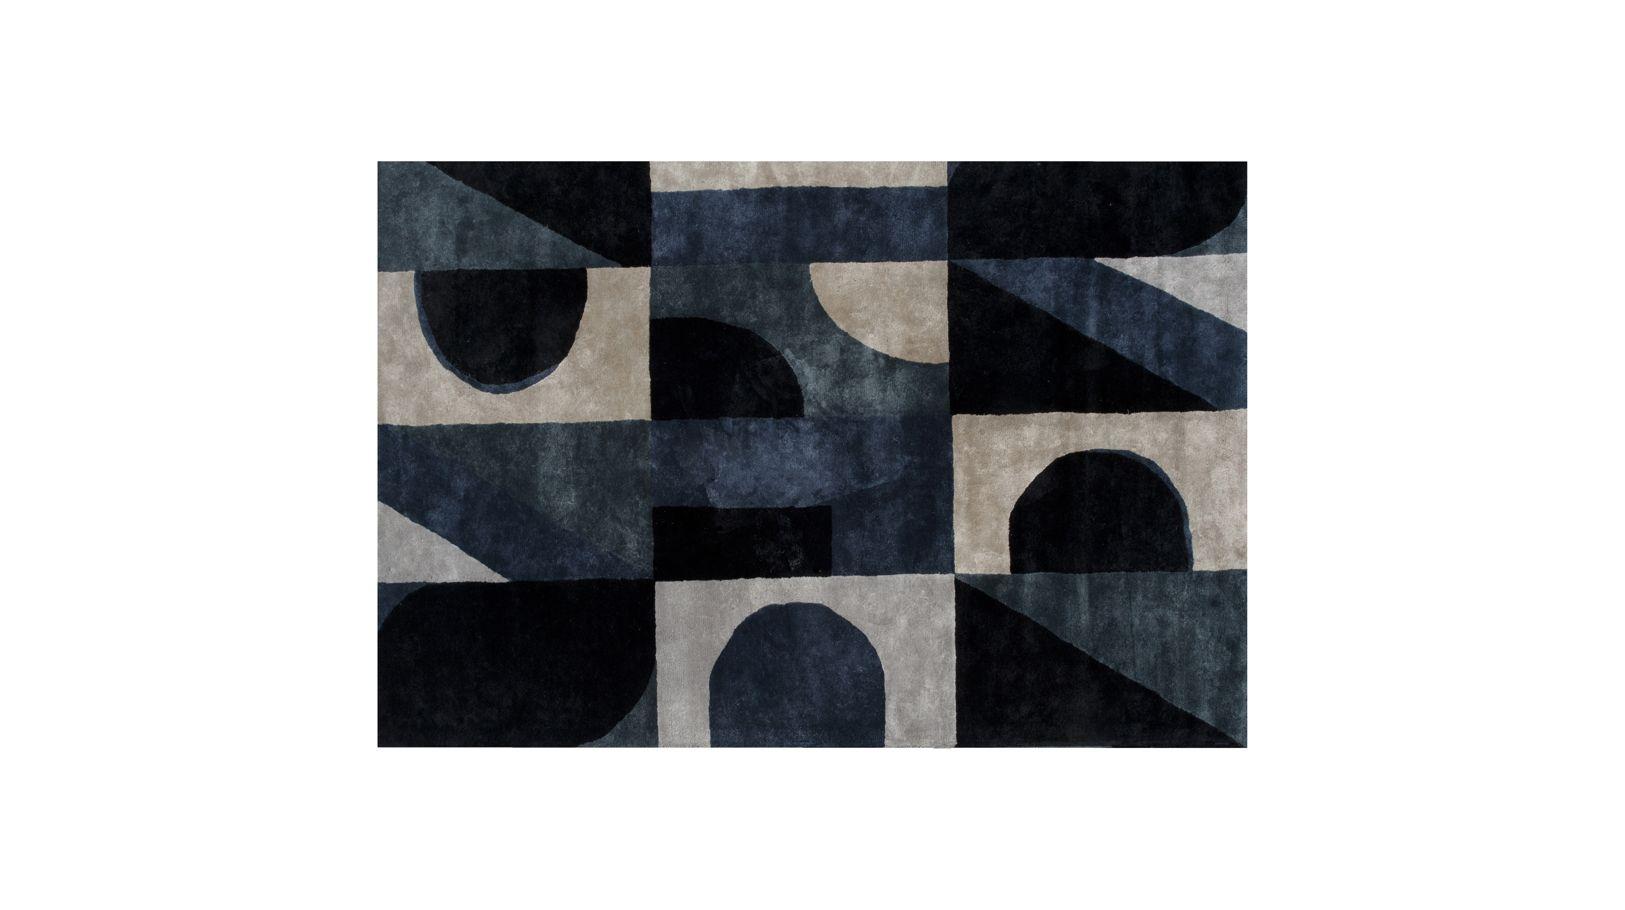 Tapis blue note roche bobois for Tapis contemporain roche bobois